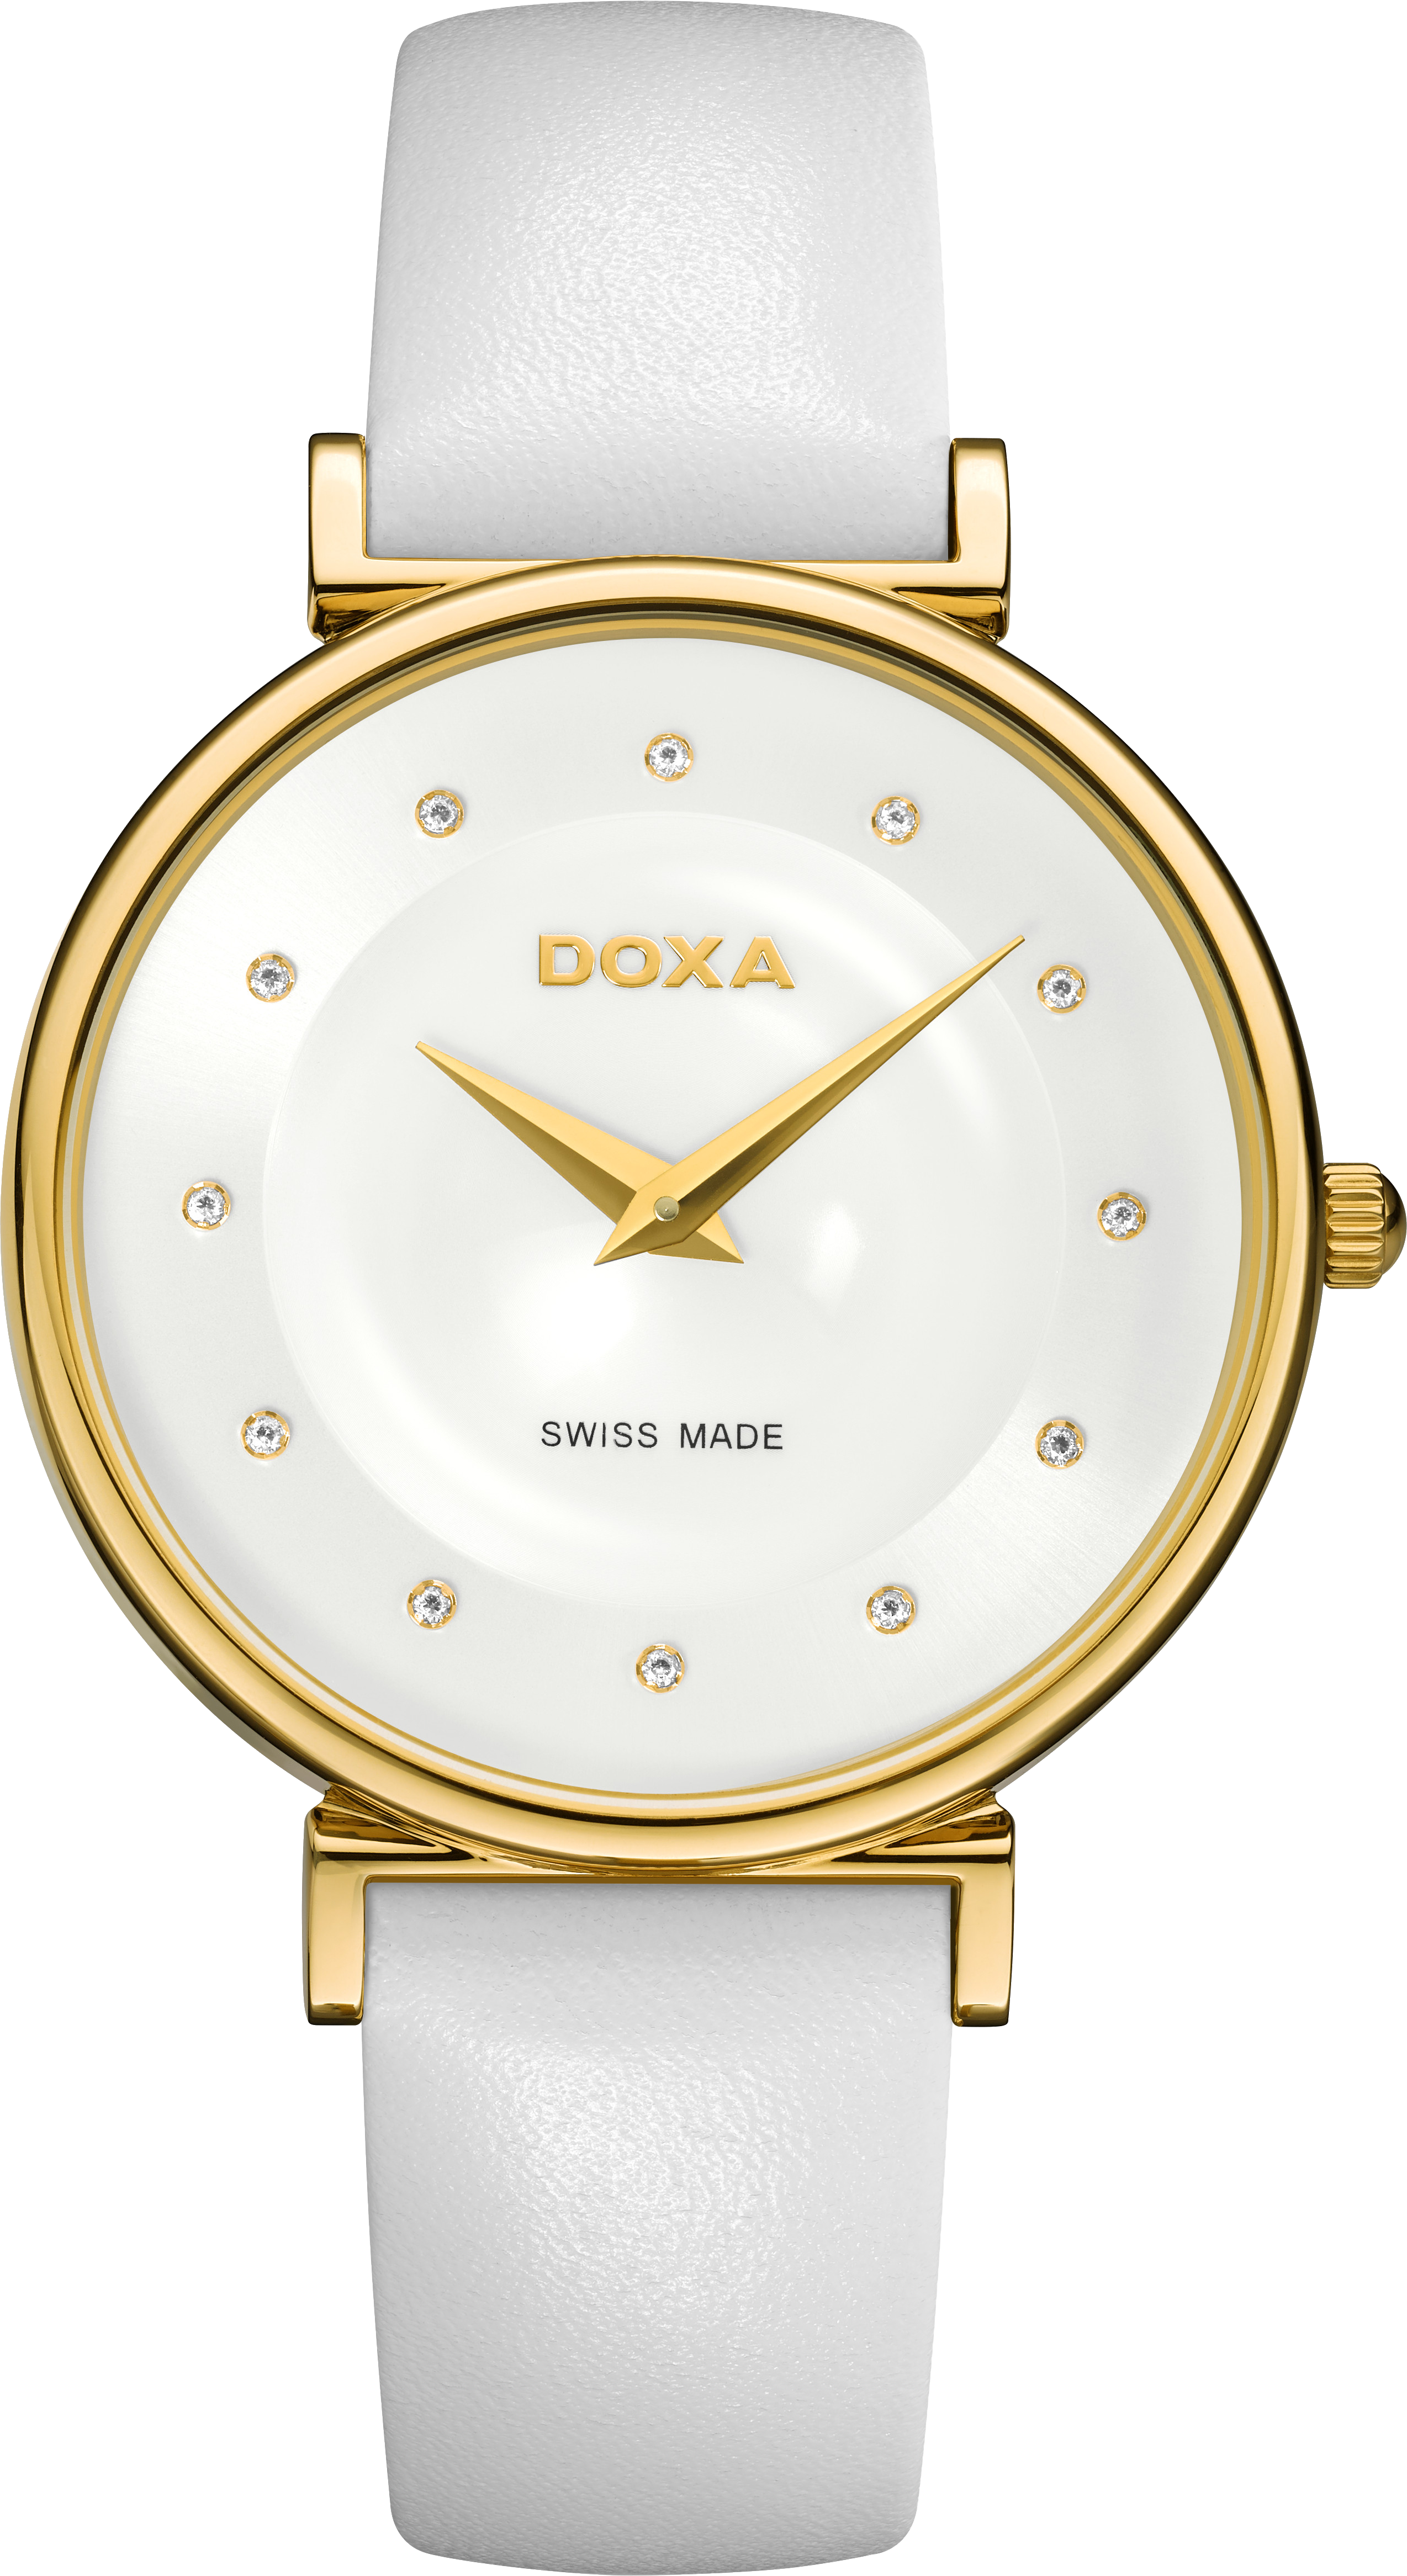 Vásárlás: Doxa Női karóra árak, Doxa Női karóra akciók, női